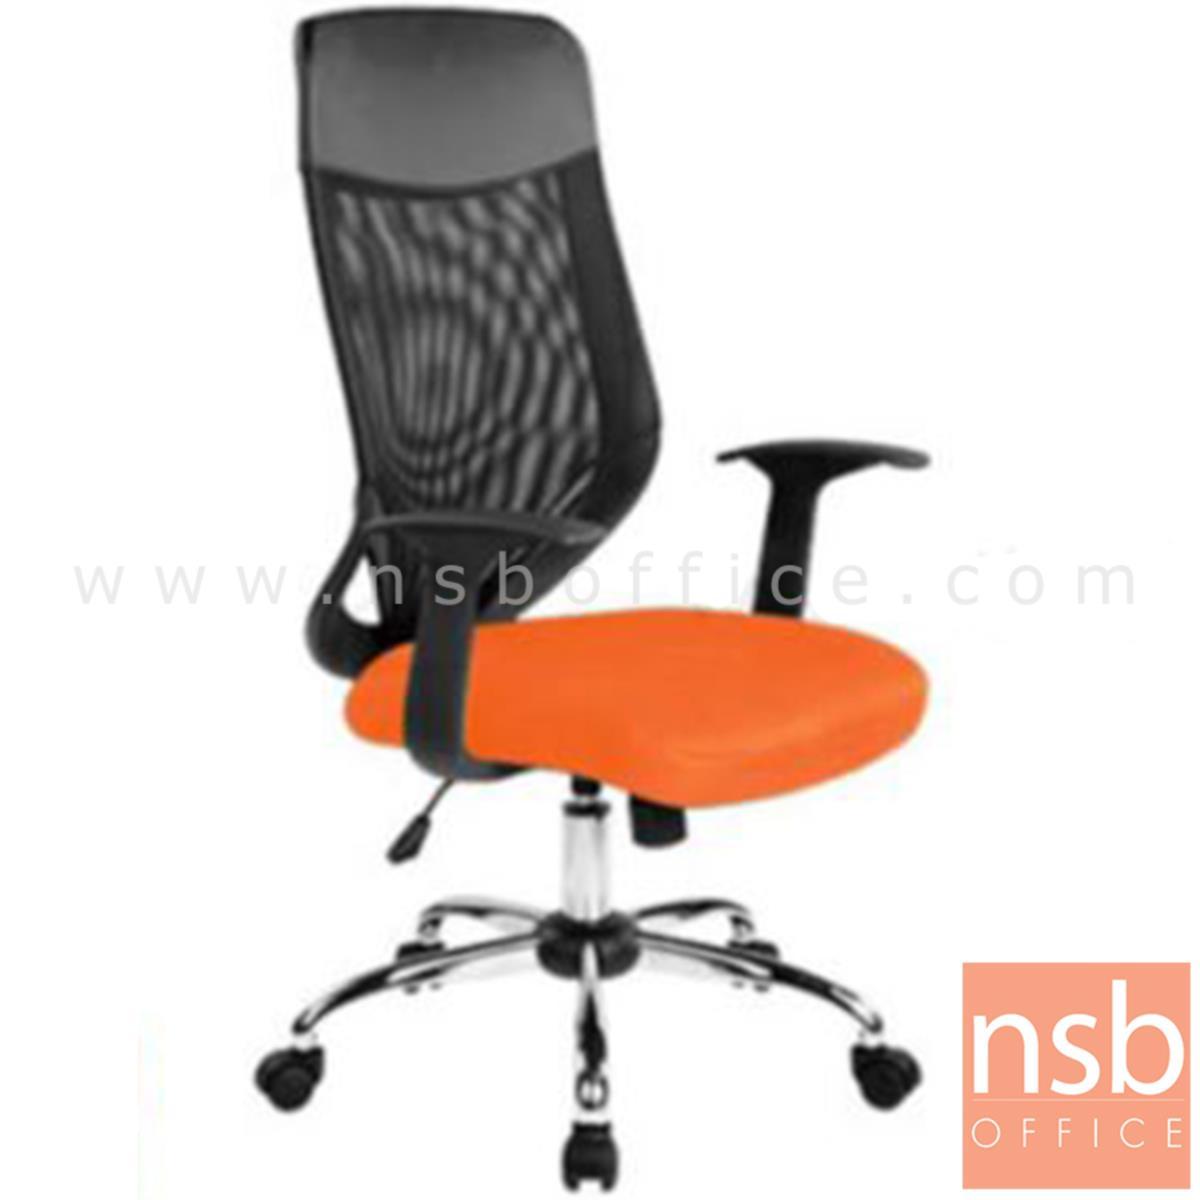 B28A104:เก้าอี้ผู้บริหารหลังเน็ต รุ่น Darrell  โช๊คแก๊ส มีก้อนโยก ขาเหล็กชุบโครเมี่ยม